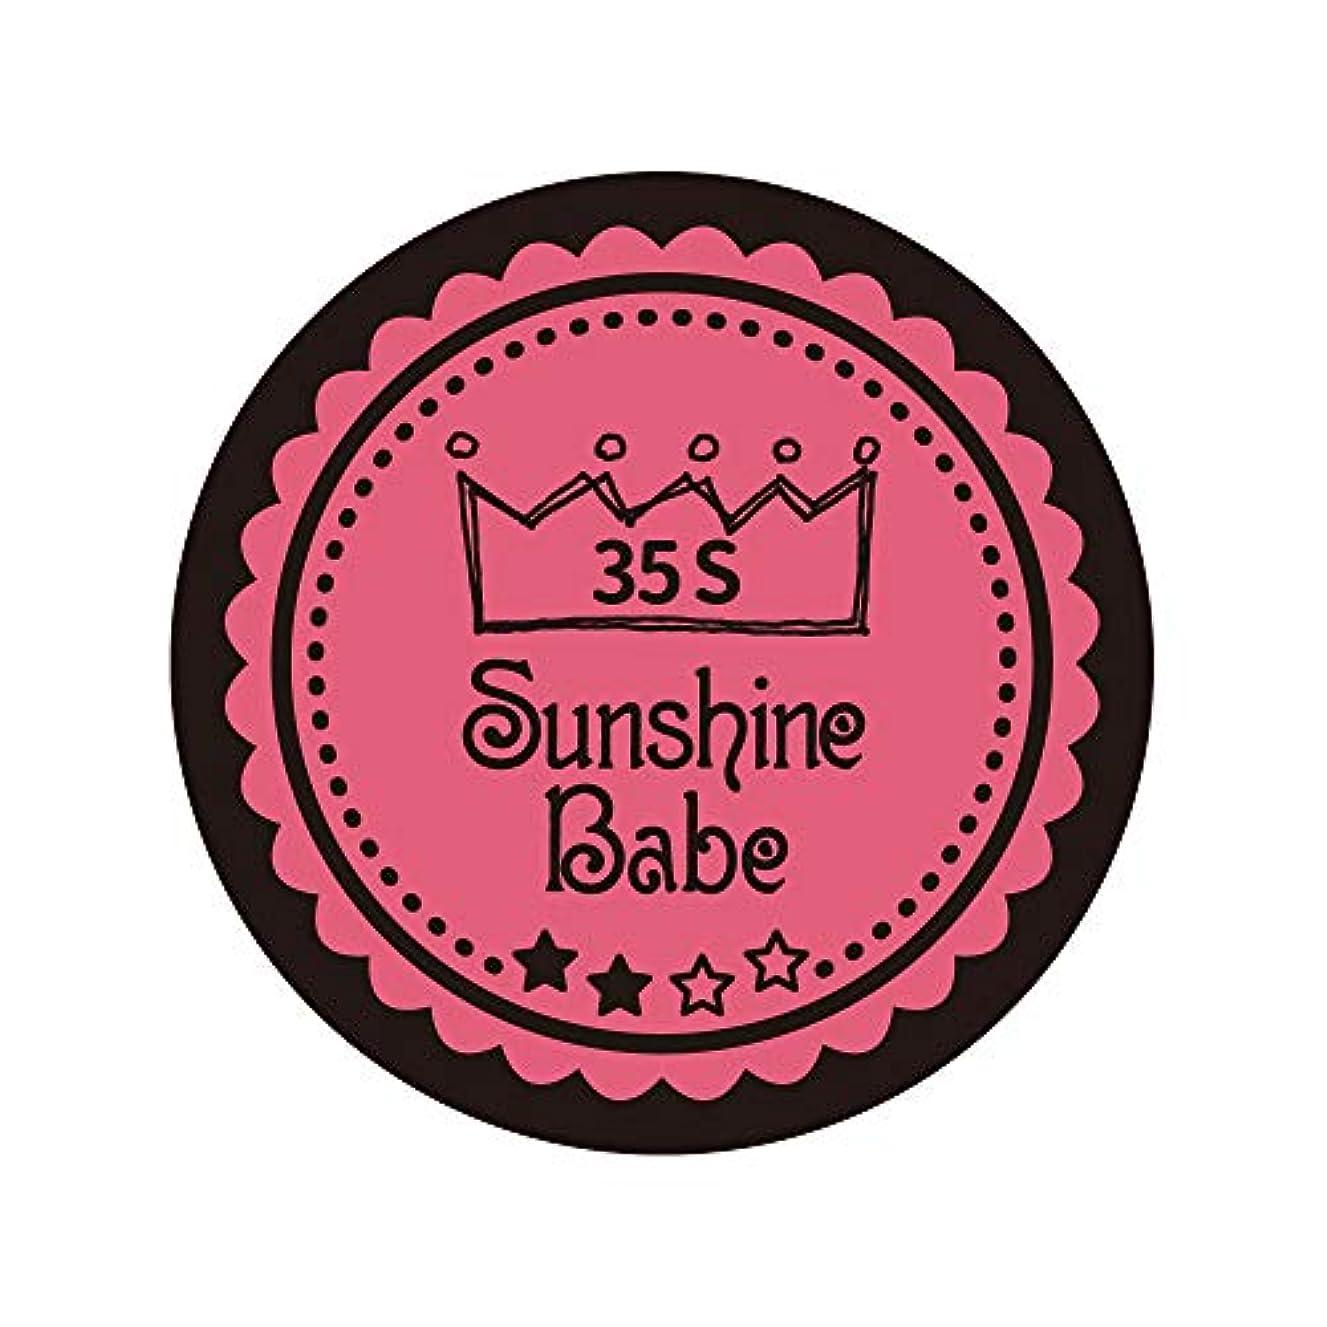 課税ジョリー因子Sunshine Babe カラージェル 35S ローズピンク 4g UV/LED対応